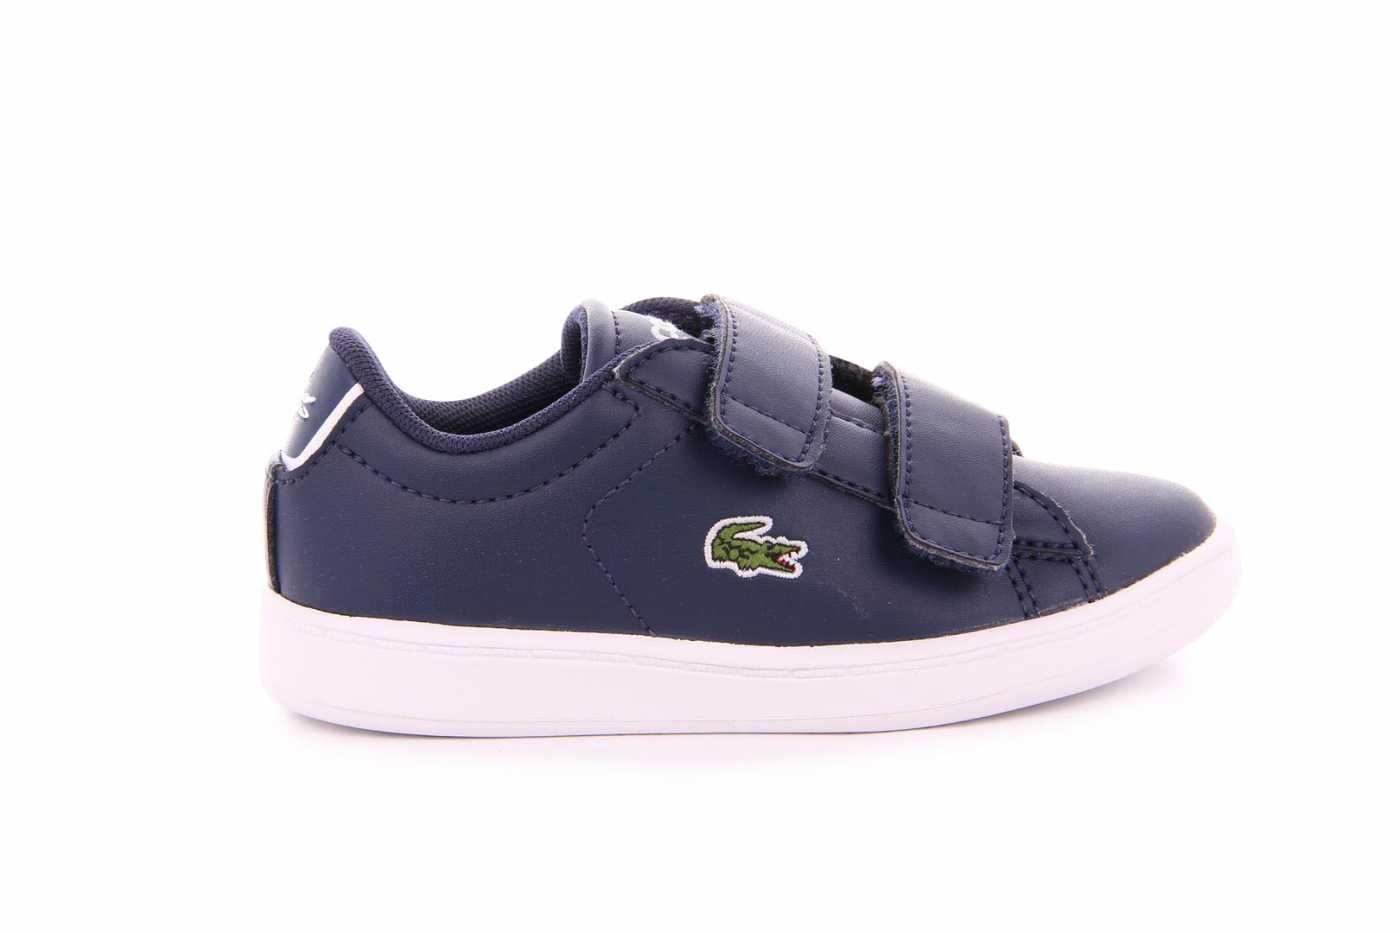 Comprar zapato tipo JOVEN NIÑO estilo DEPORTIVO COLOR AZUL PIEL ... 048dc19ba2